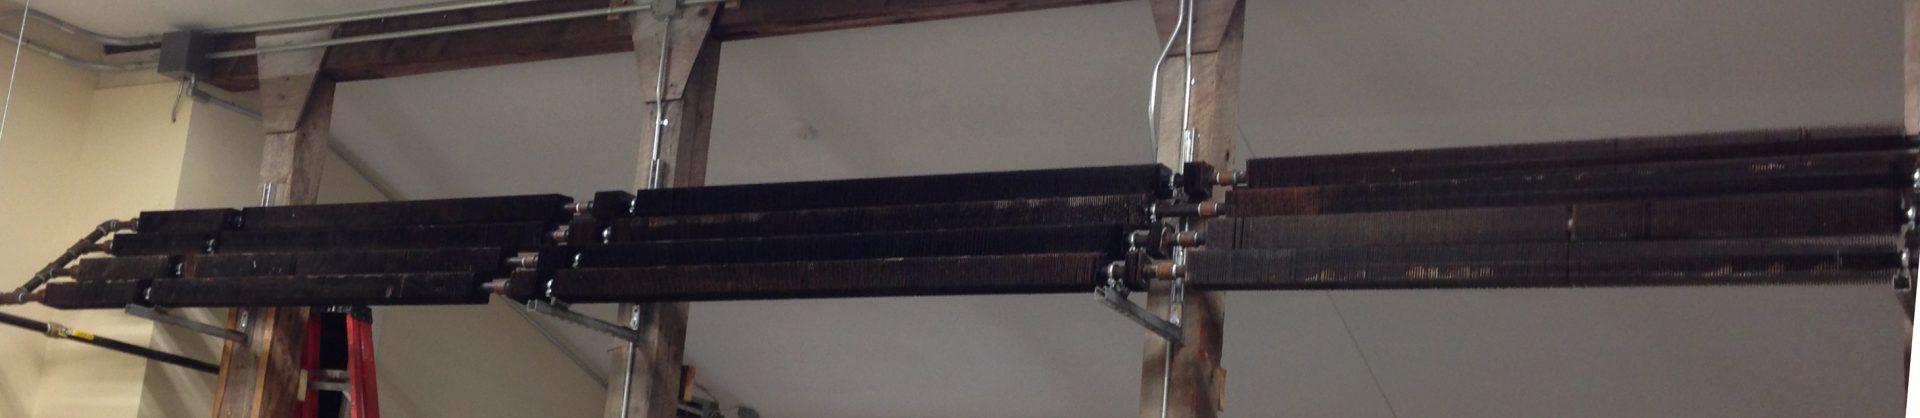 Overheat dump radiators in wood shop